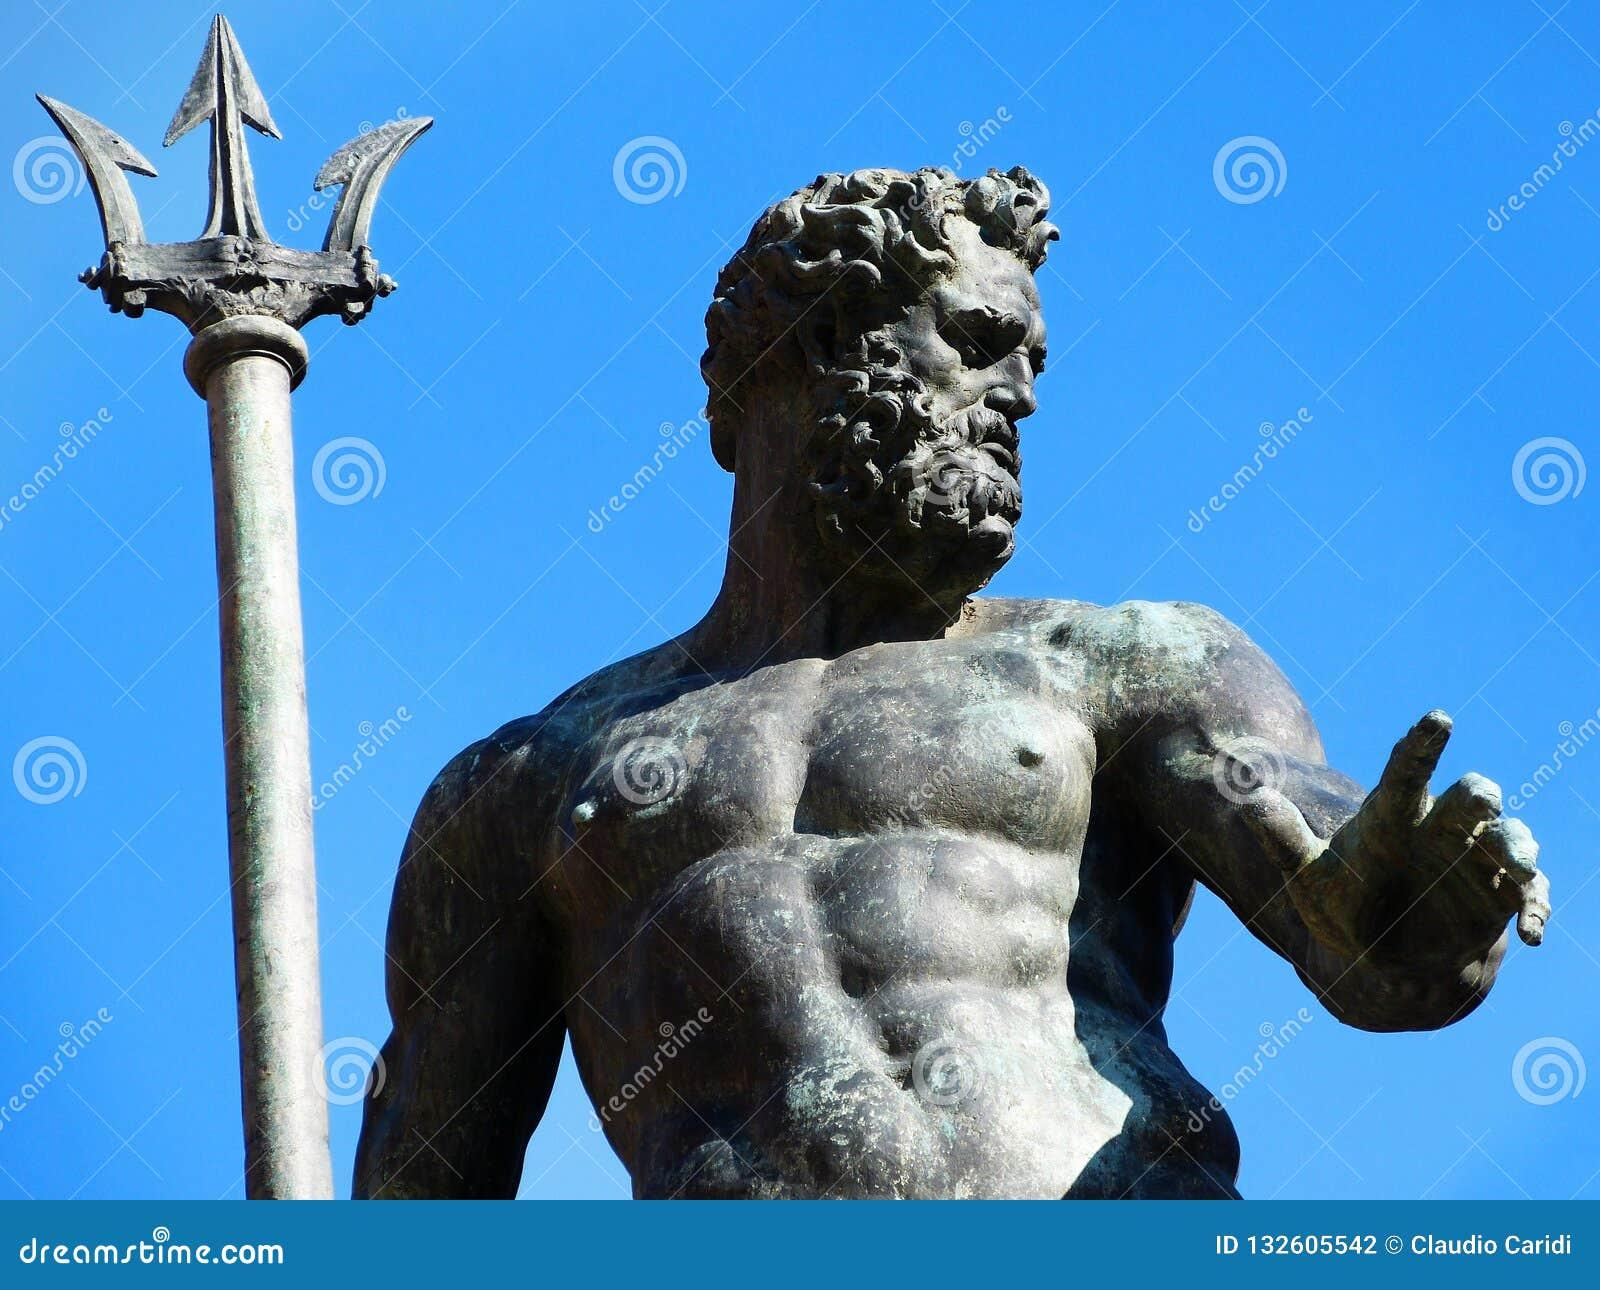 Statue of neptune in Bologna